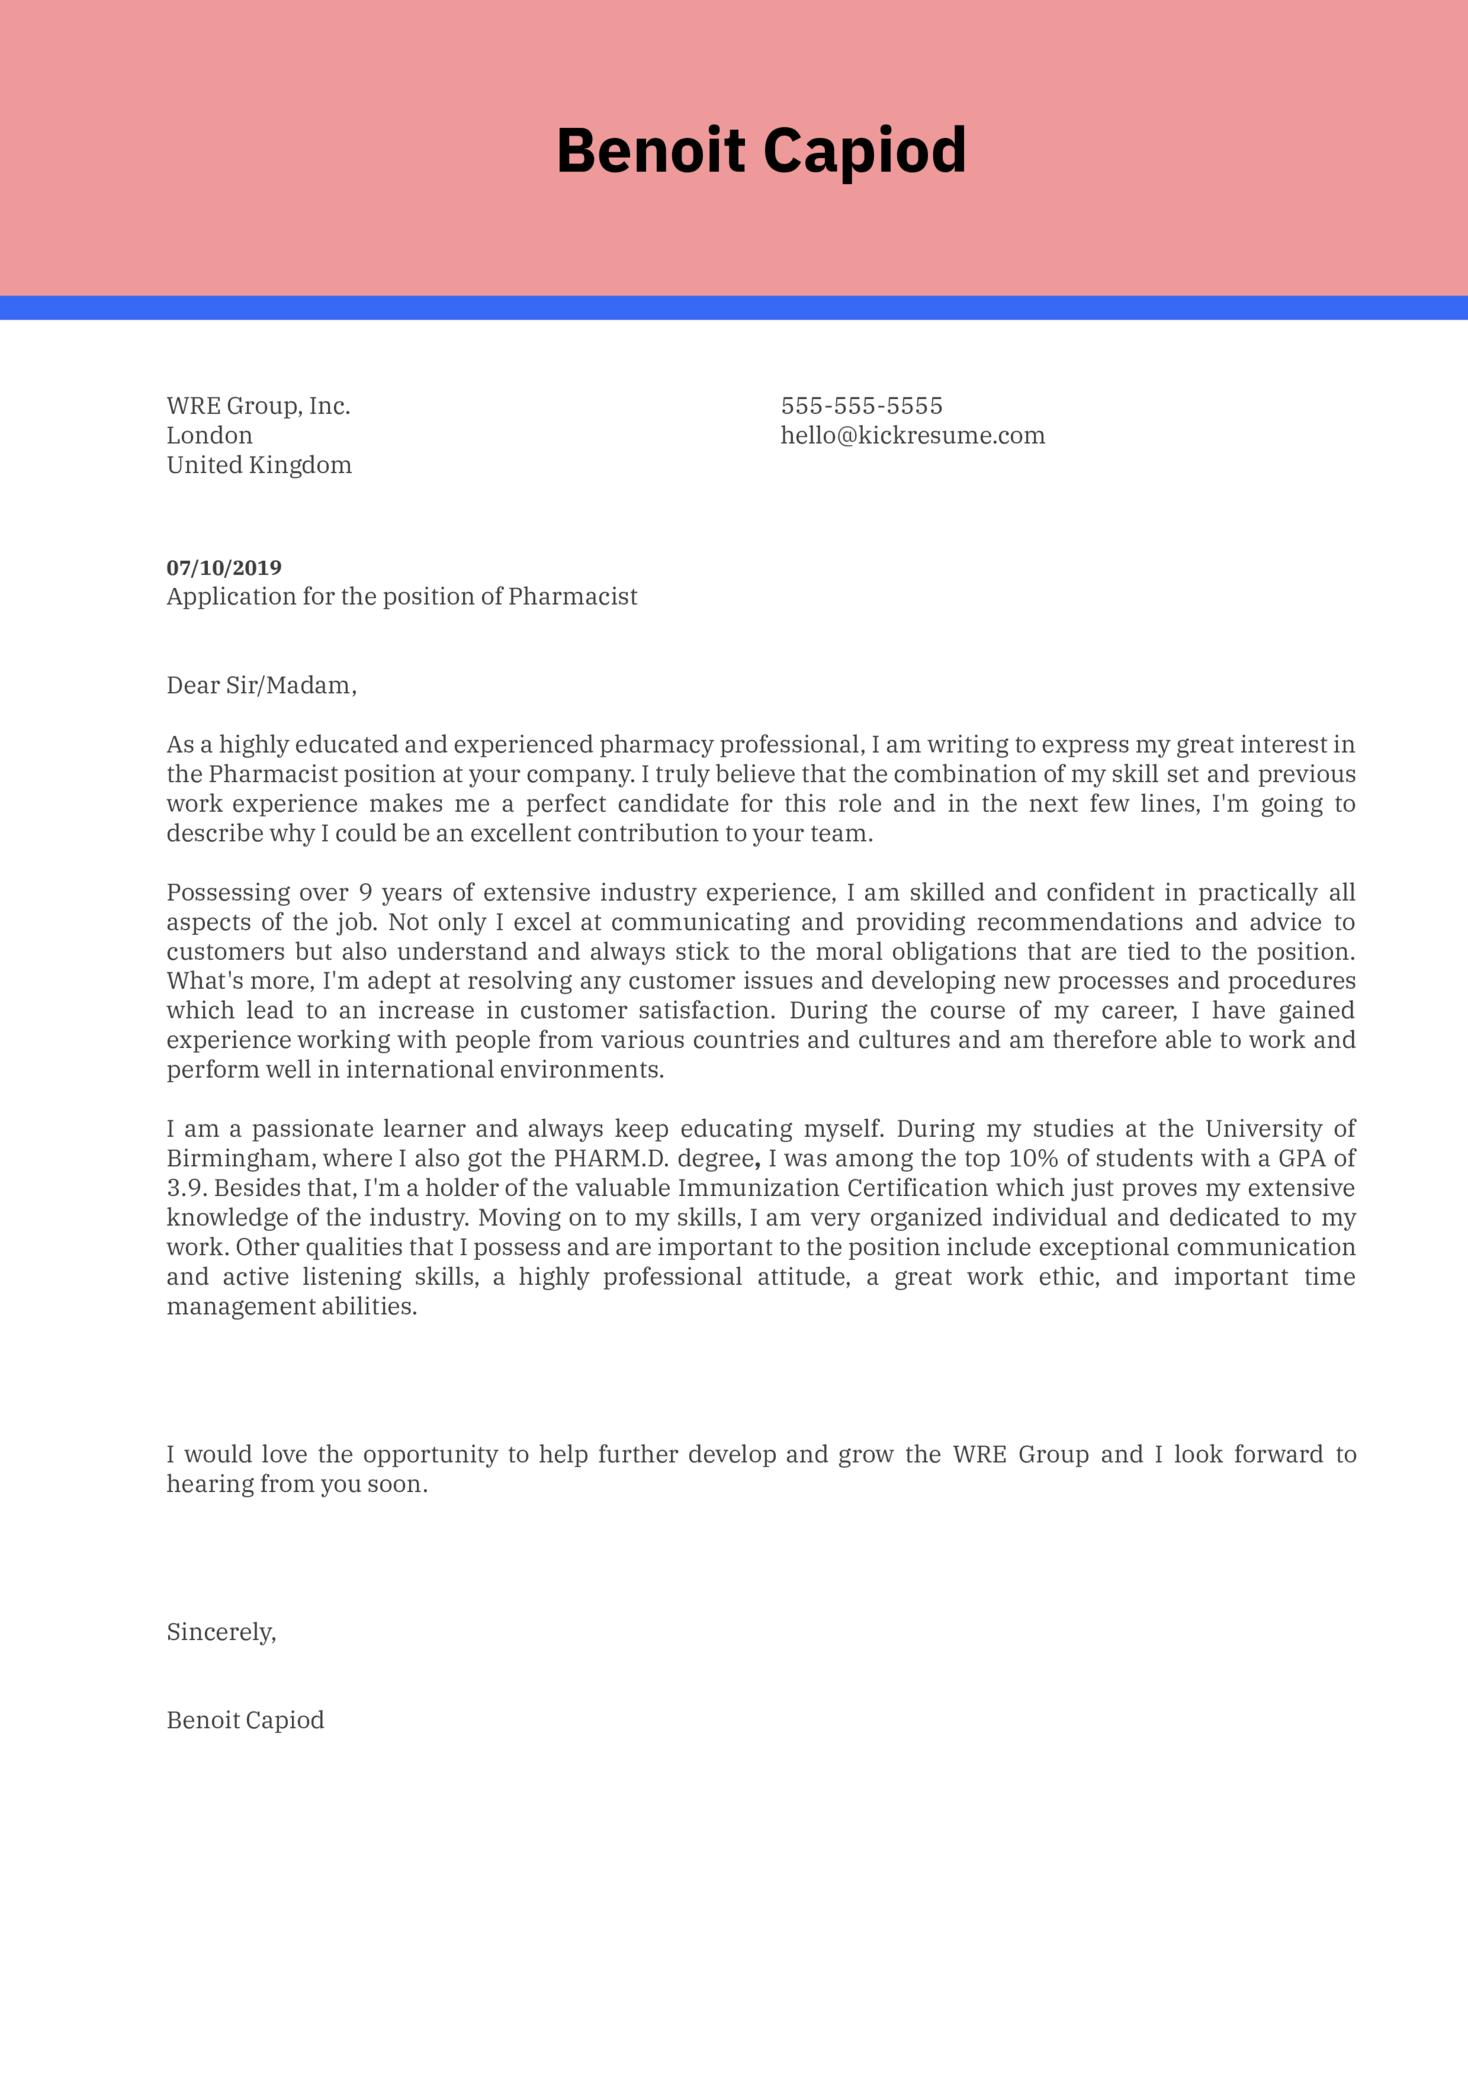 Pharmacist Cover Letter Example Kickresume